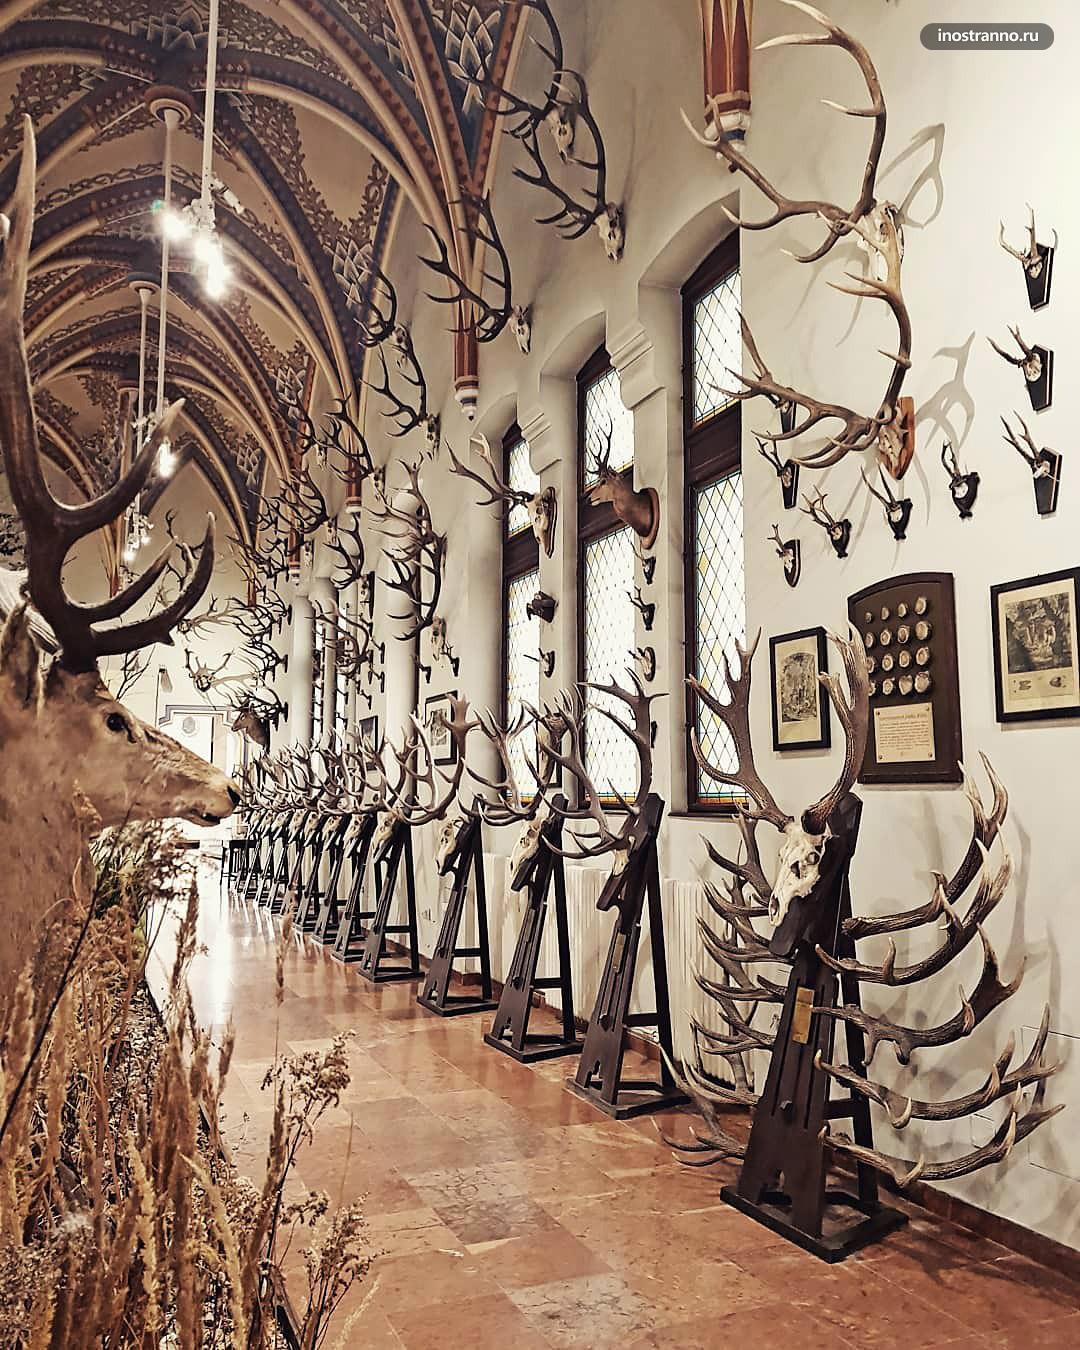 Музей сельского хозяйства в Будапеште